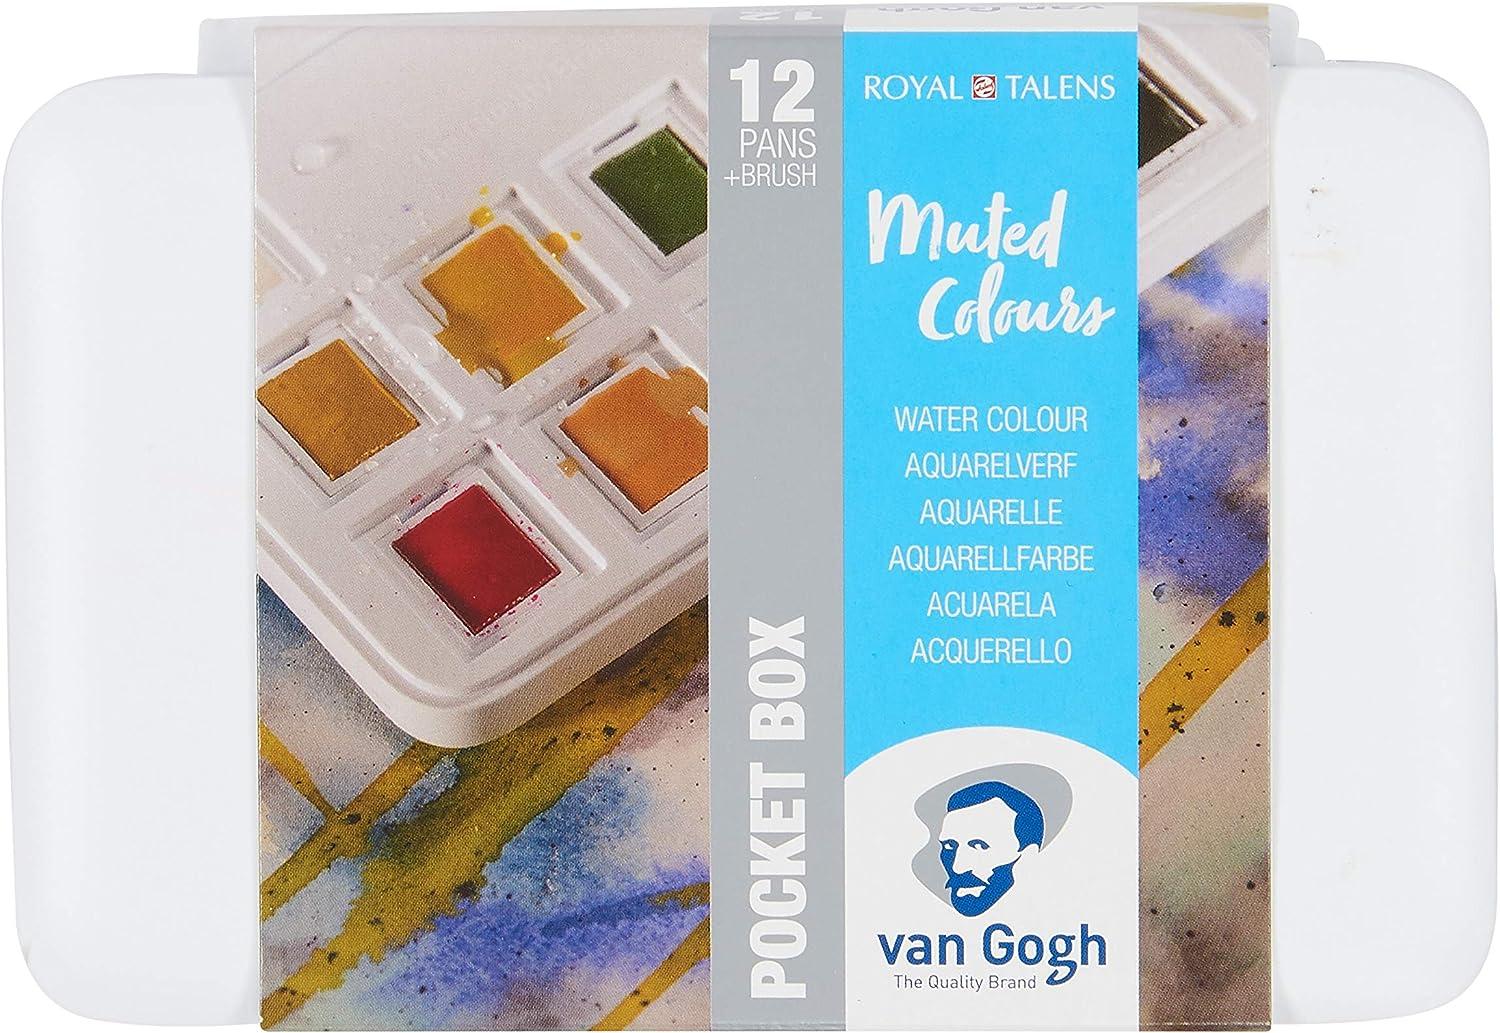 Royal Talens Caja De Acuarela De Bolsillo Van Gogh-Colores Apagados: Amazon.es: Hogar